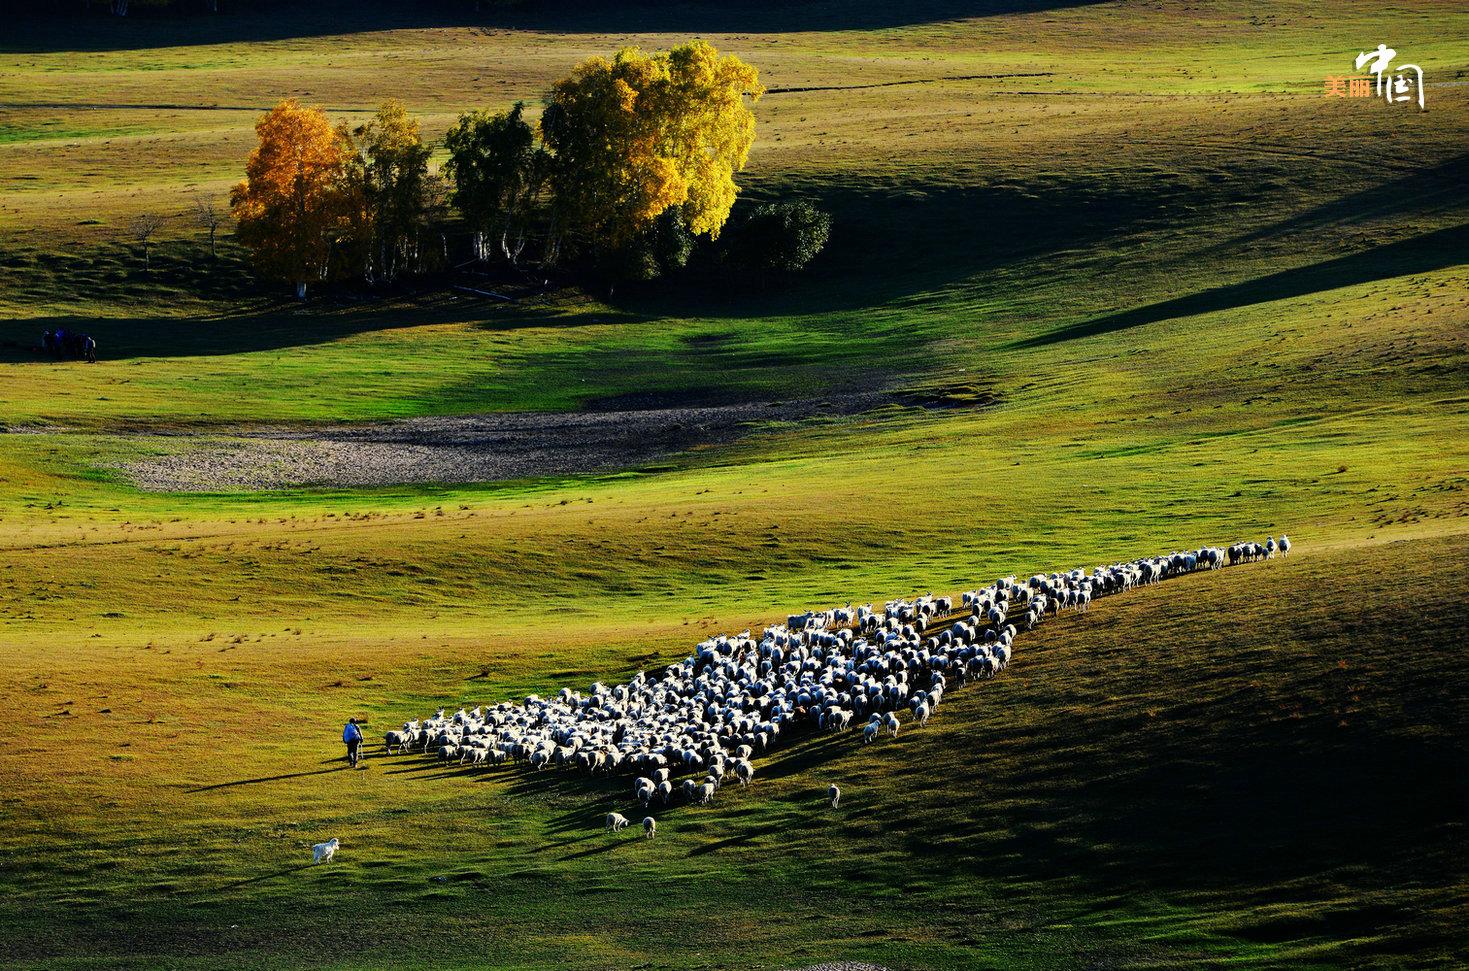 它由塞罕坝国家森林公园,御道口草原森林风景区和红松洼国家自然保护